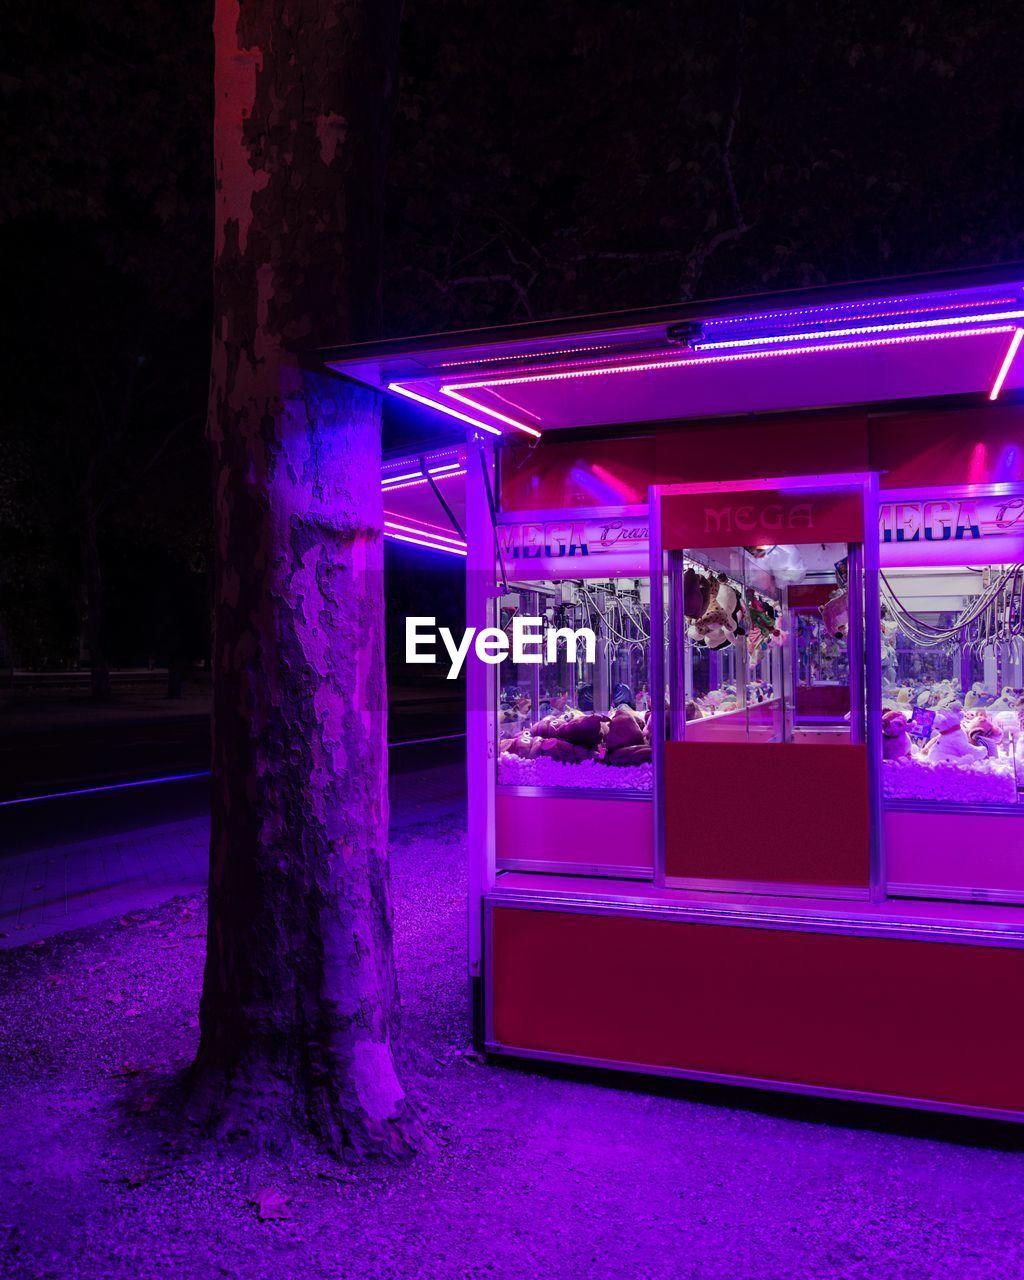 night, illuminated, real people, purple, outdoors, architecture, neon